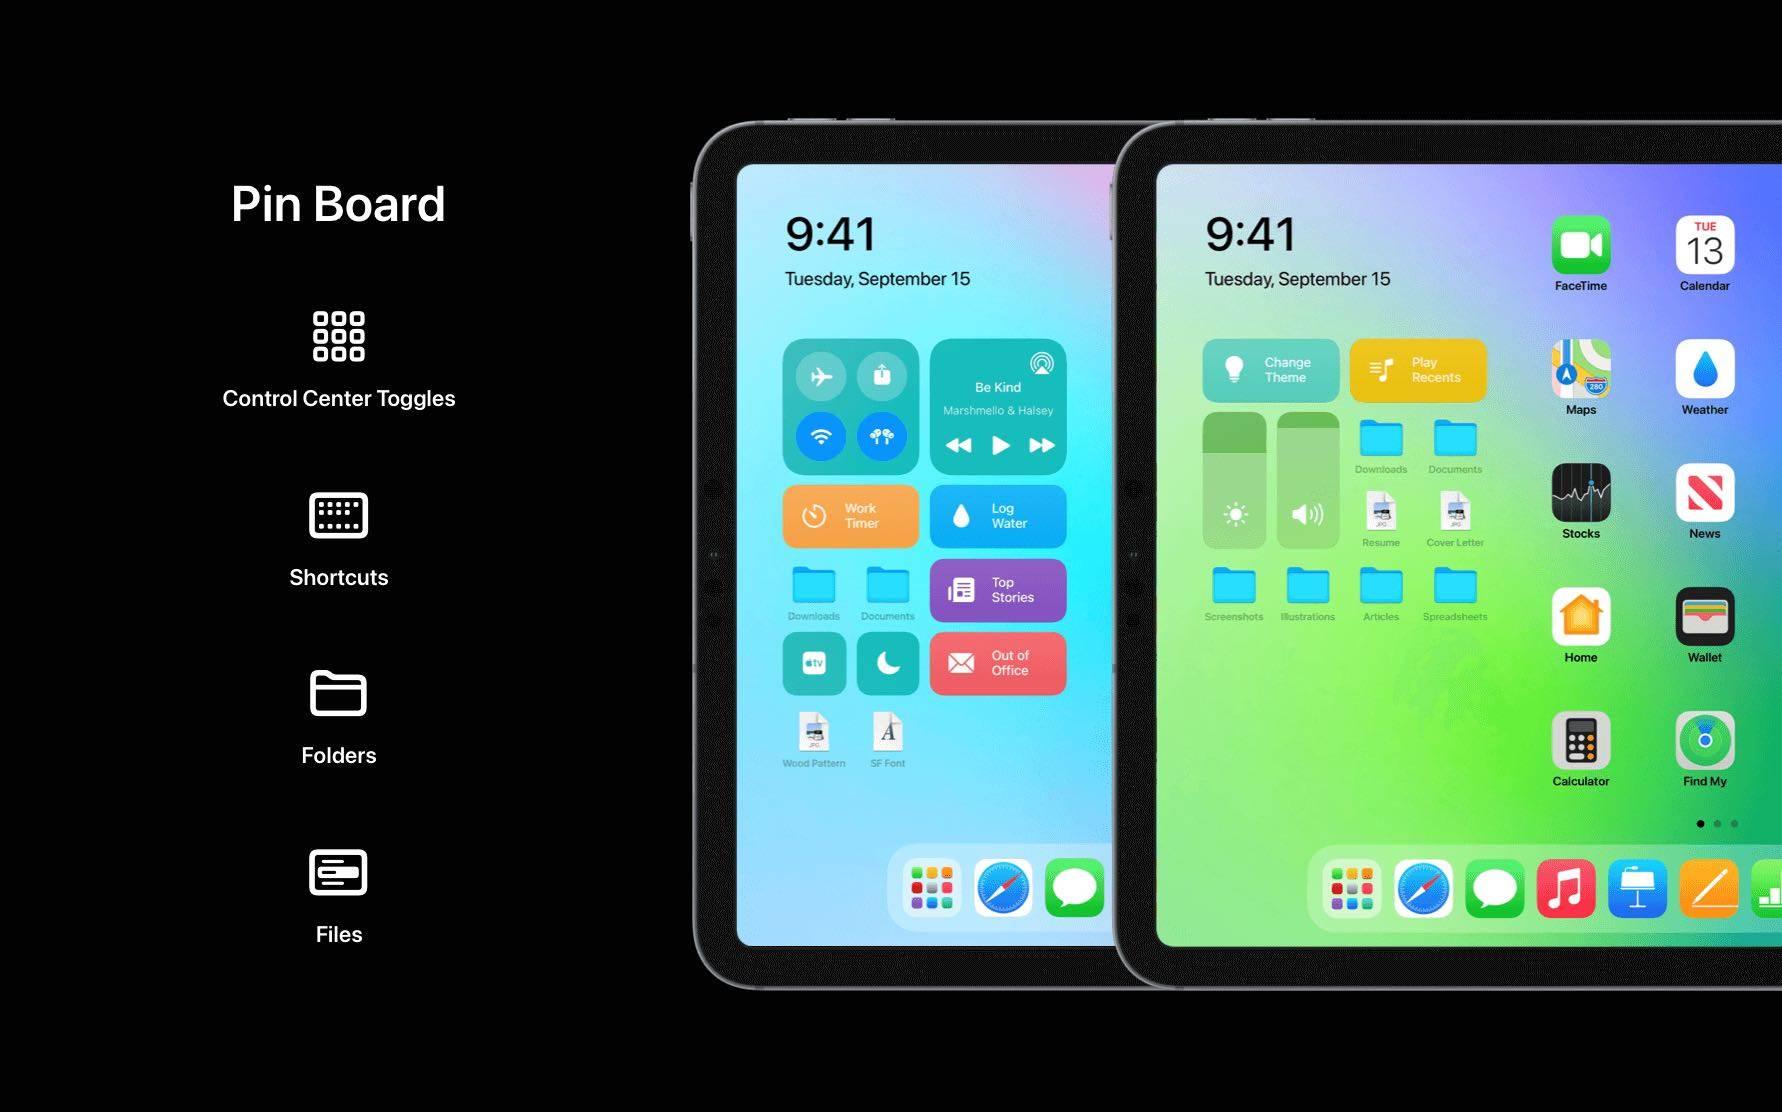 Świetna i bardzo realna koncepcja iPadOS 15 polecane, ciekawostki Premiera, koncept, iPadOS 15, iPad  Oficjalna prezentacja iPadOS 15 odbędzie już 7 czerwca 2021 roku podczas WWDC 2021, więc w sieci z dnia na dzień będzie pojawiać się coraz więcej konceptów tegorocznych systemów Apple. iPadOS15 4